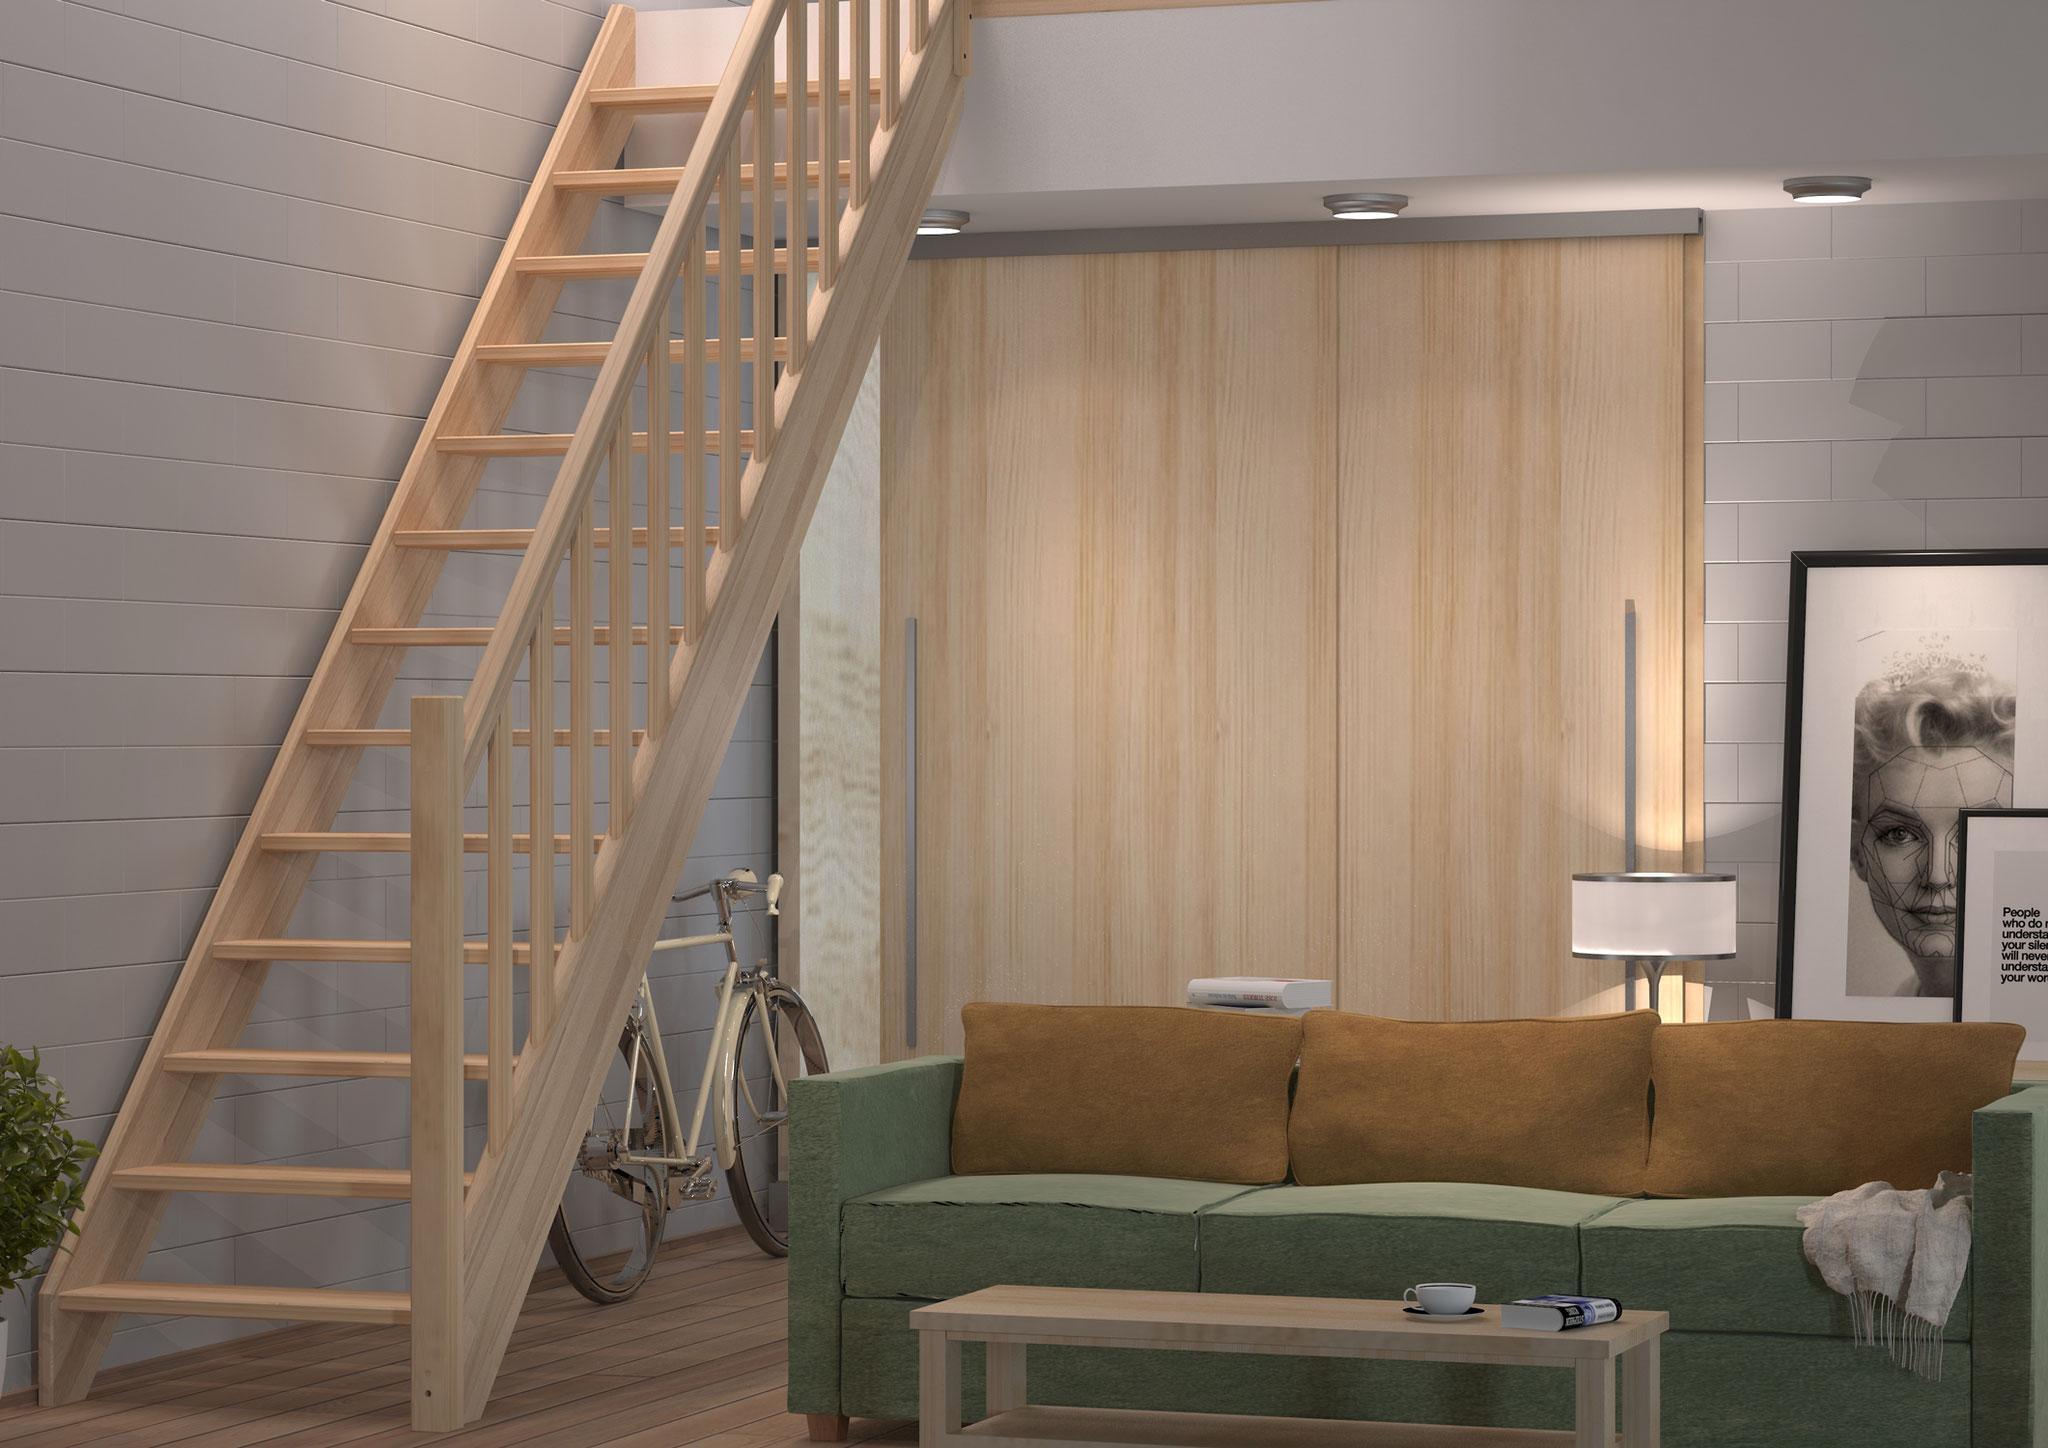 Savoie escalier droit rampe moulurée